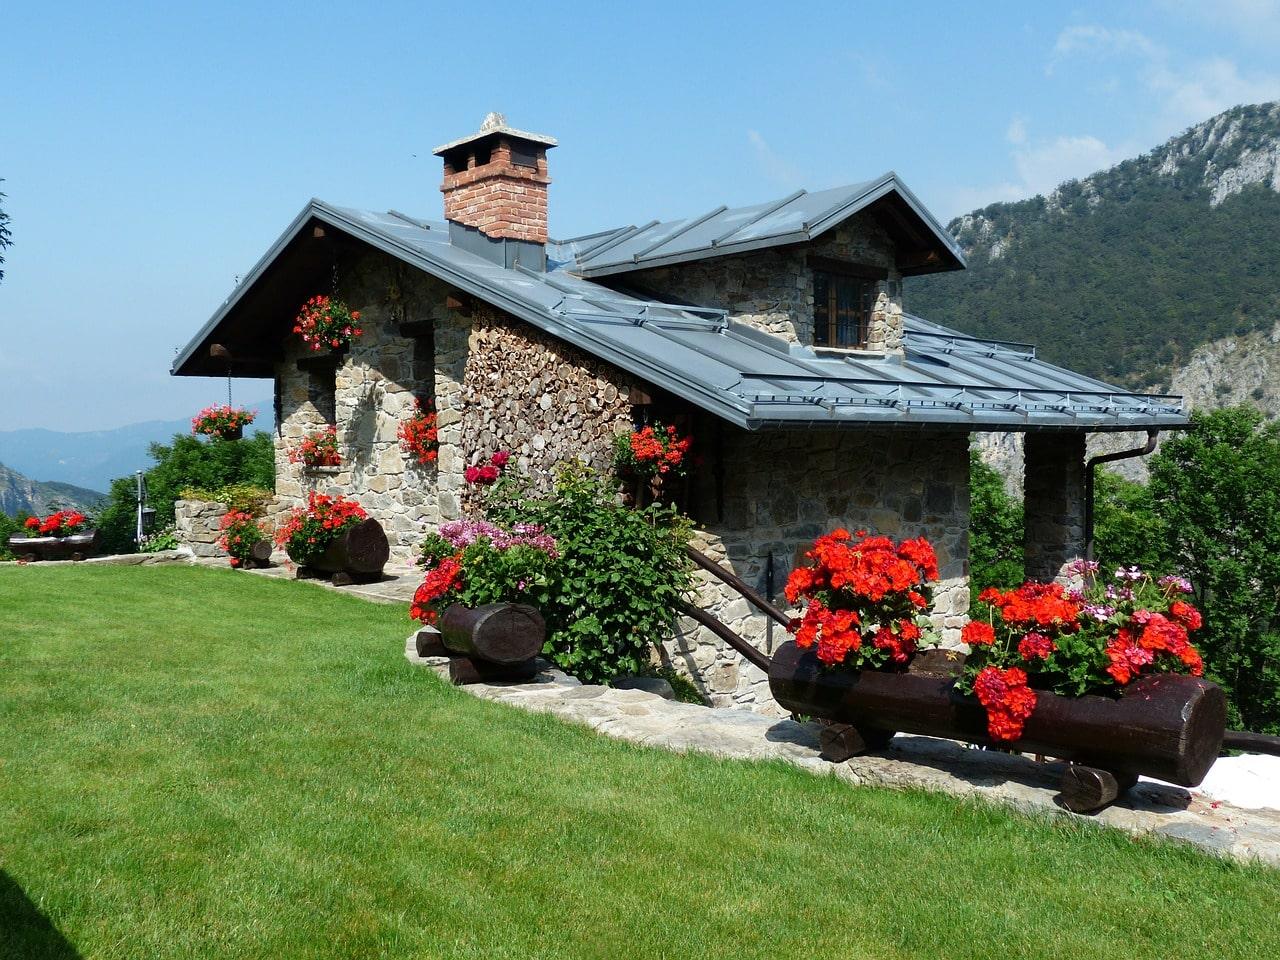 Comment bien choisir son logement pour les vacances